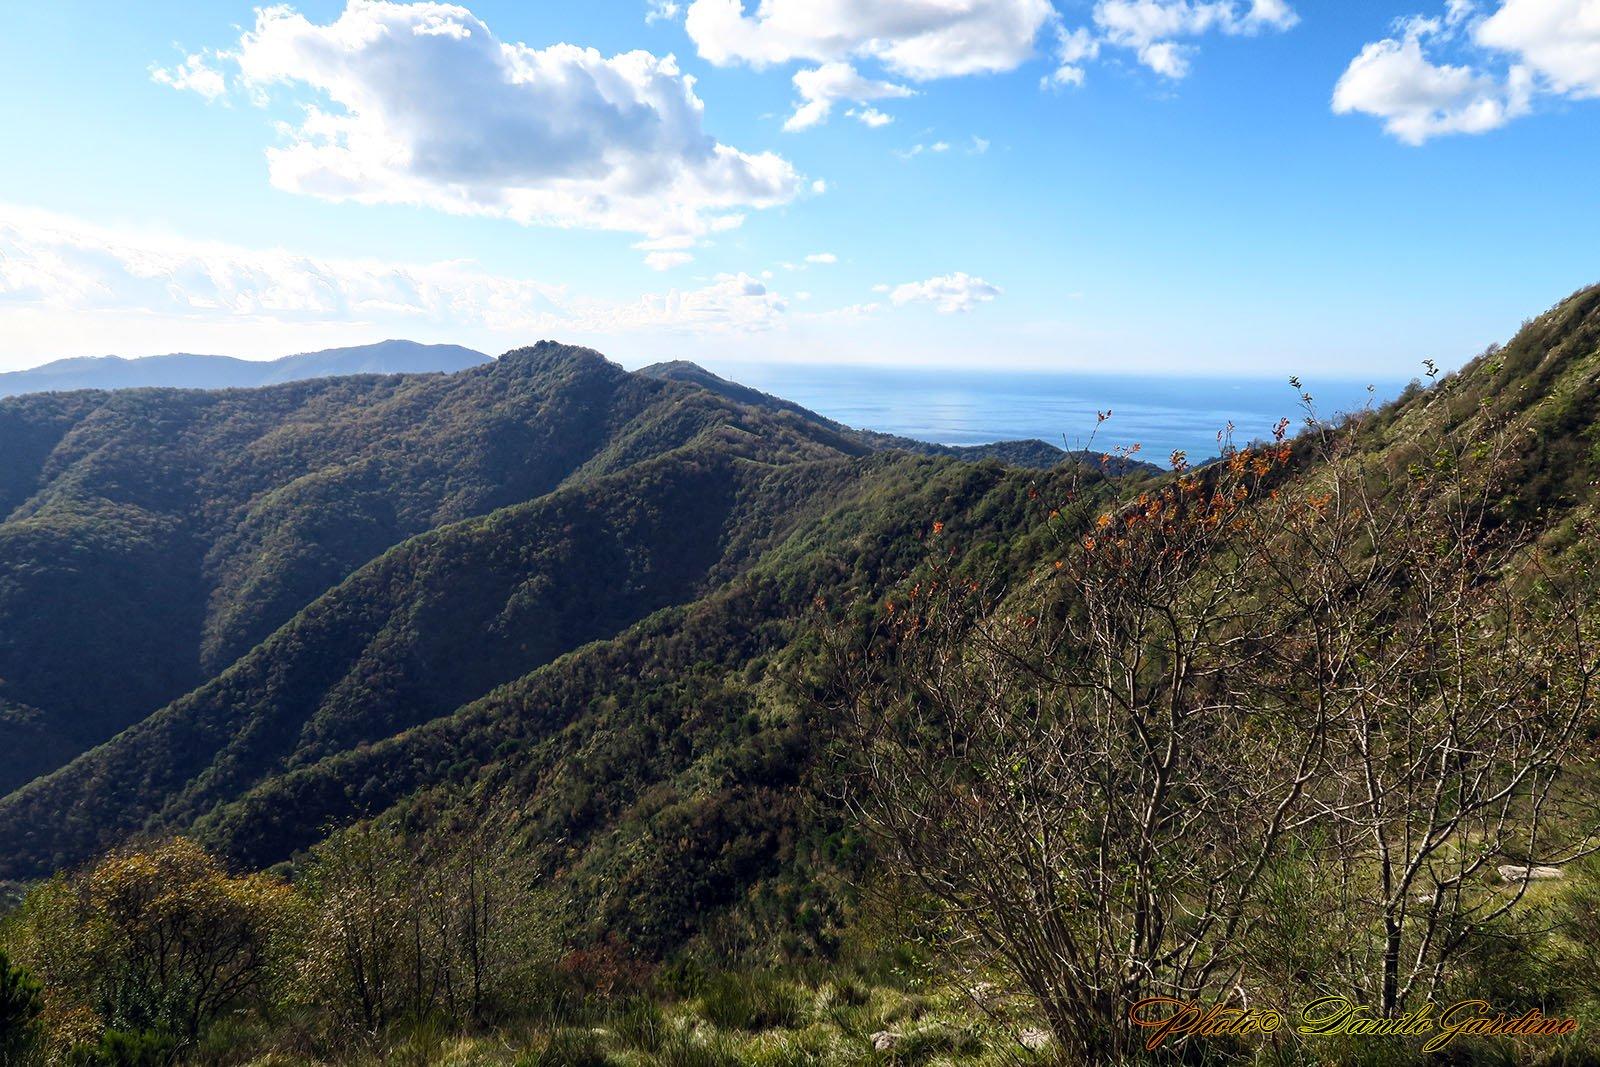 Continuando il percorso, ci voltiamo e riguardiamo il Monte Orsena con il Santuario che abbiamo da poco lasciato